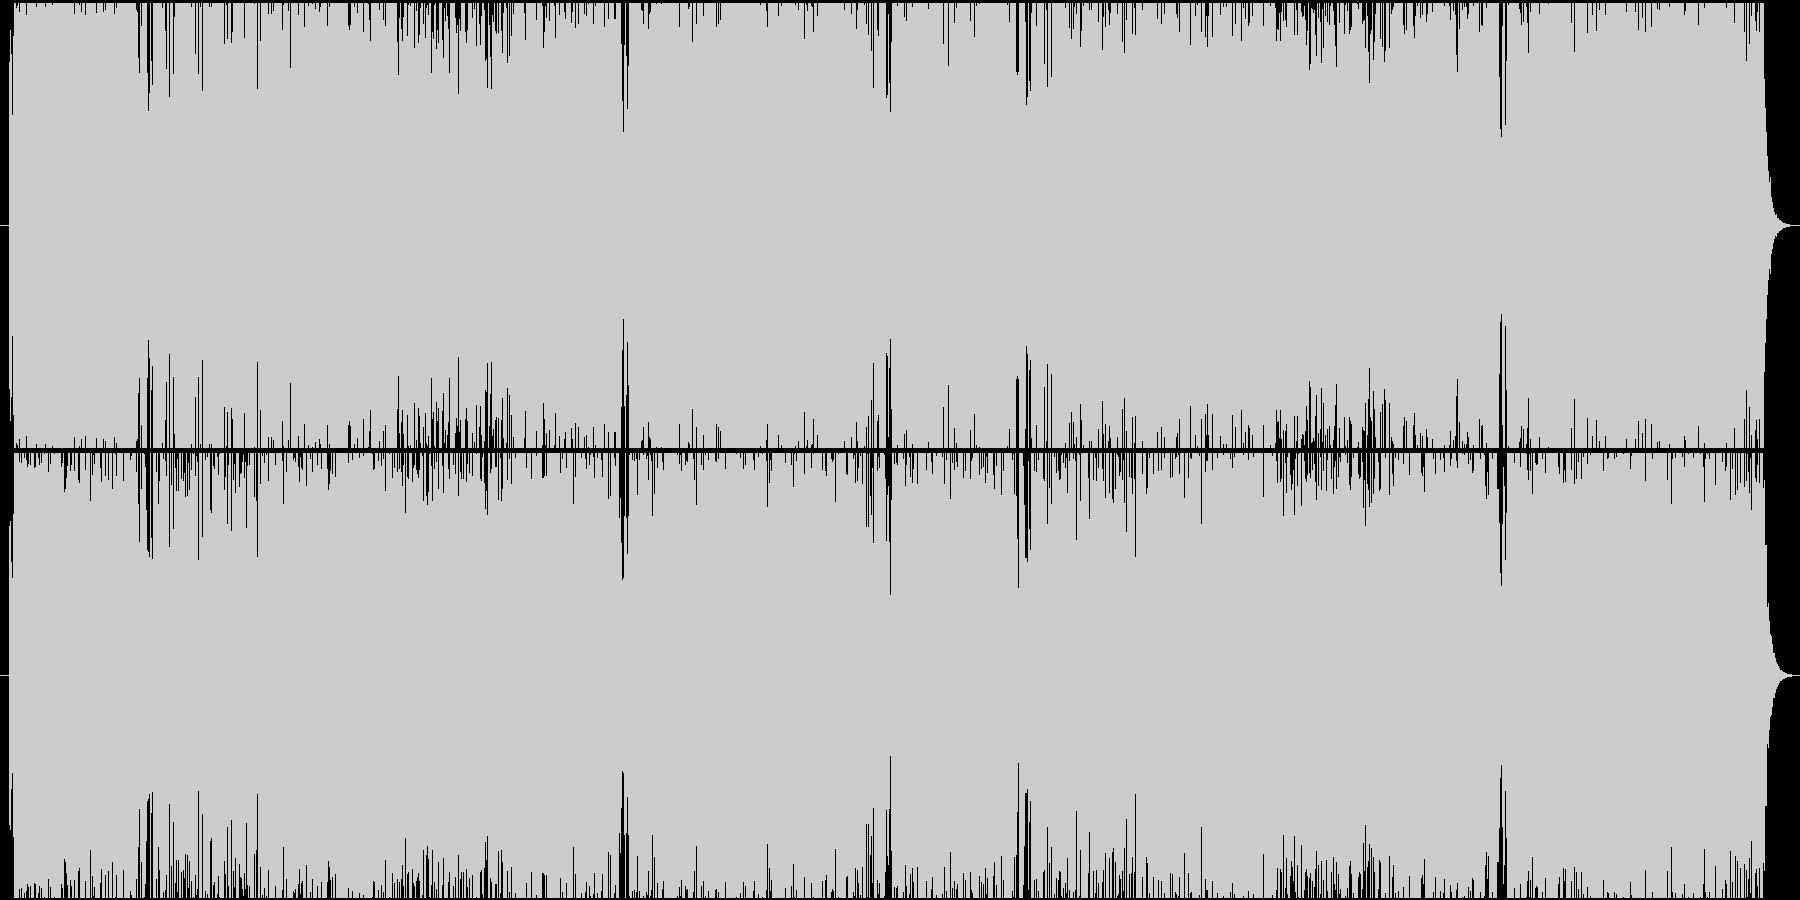 ヴァイオリンベースのロックな戦闘曲BGMの未再生の波形